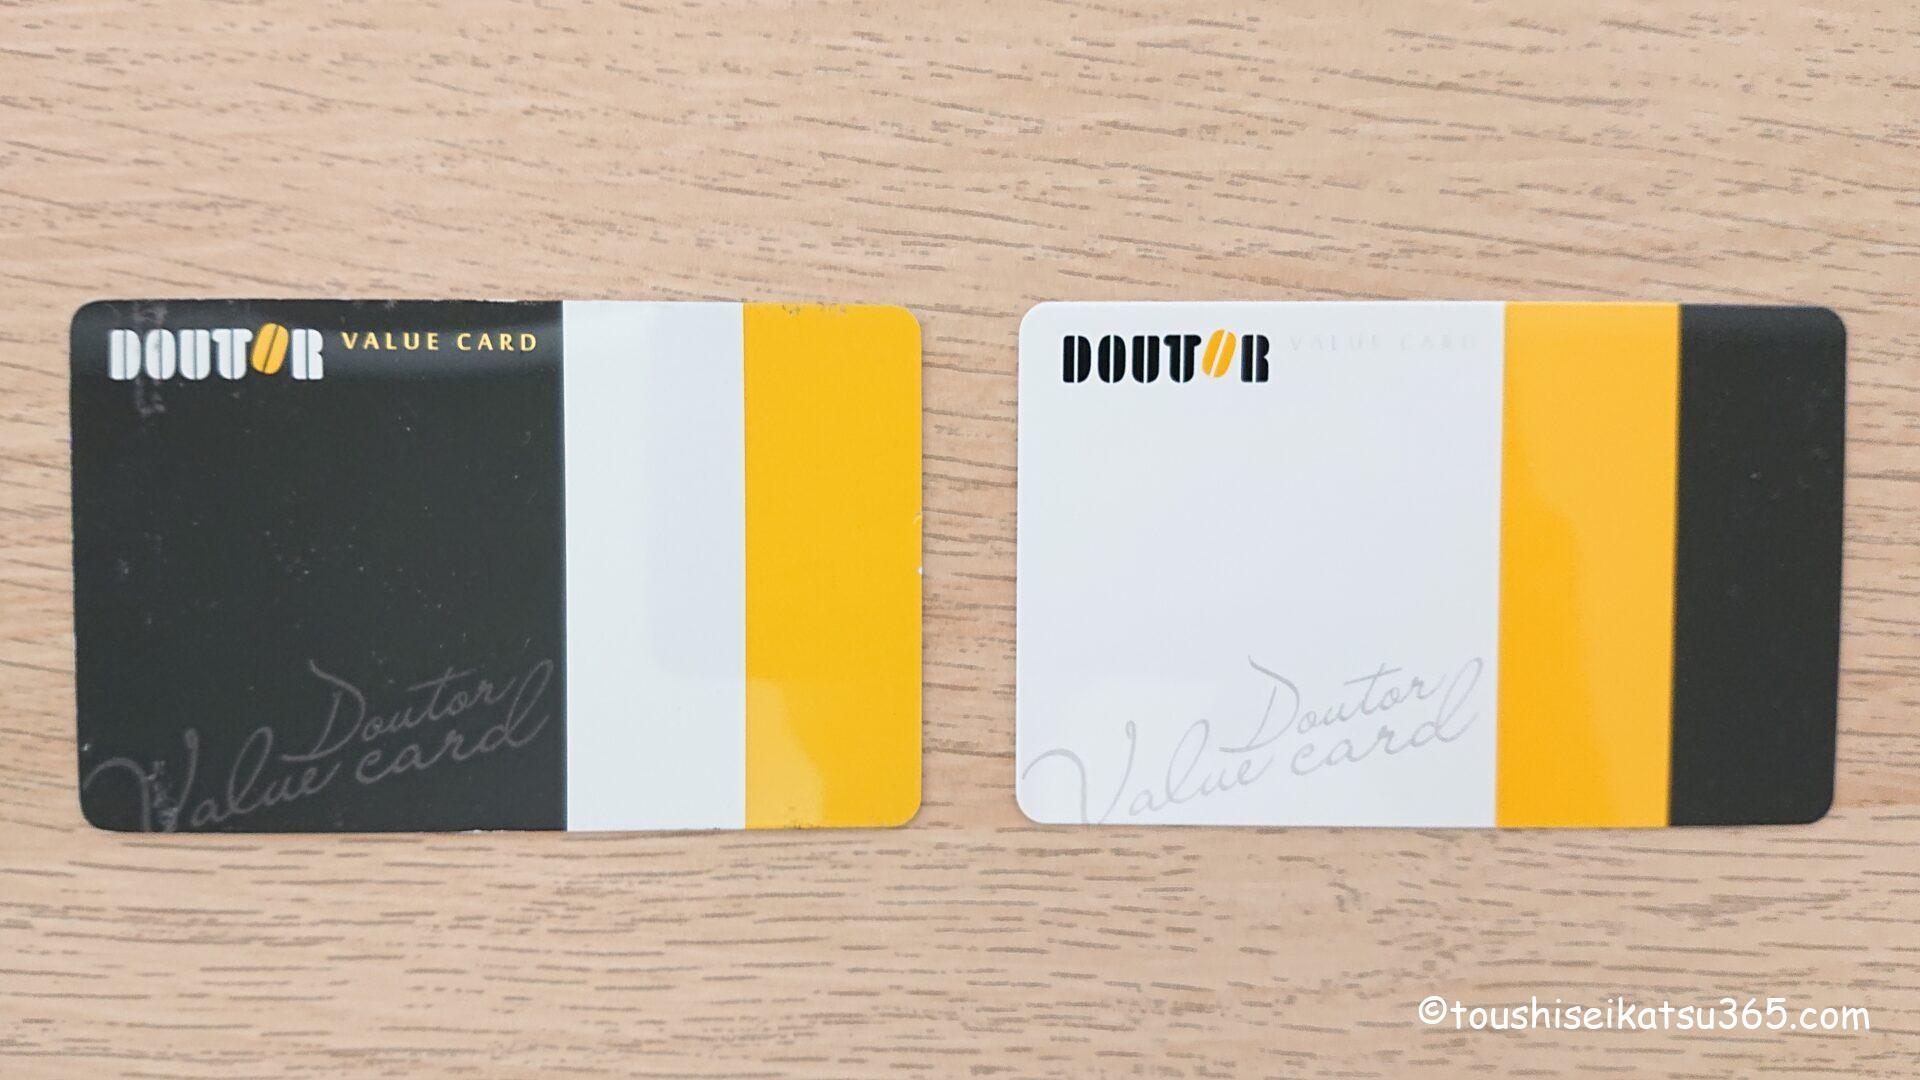 ドトールバリューカードの比較